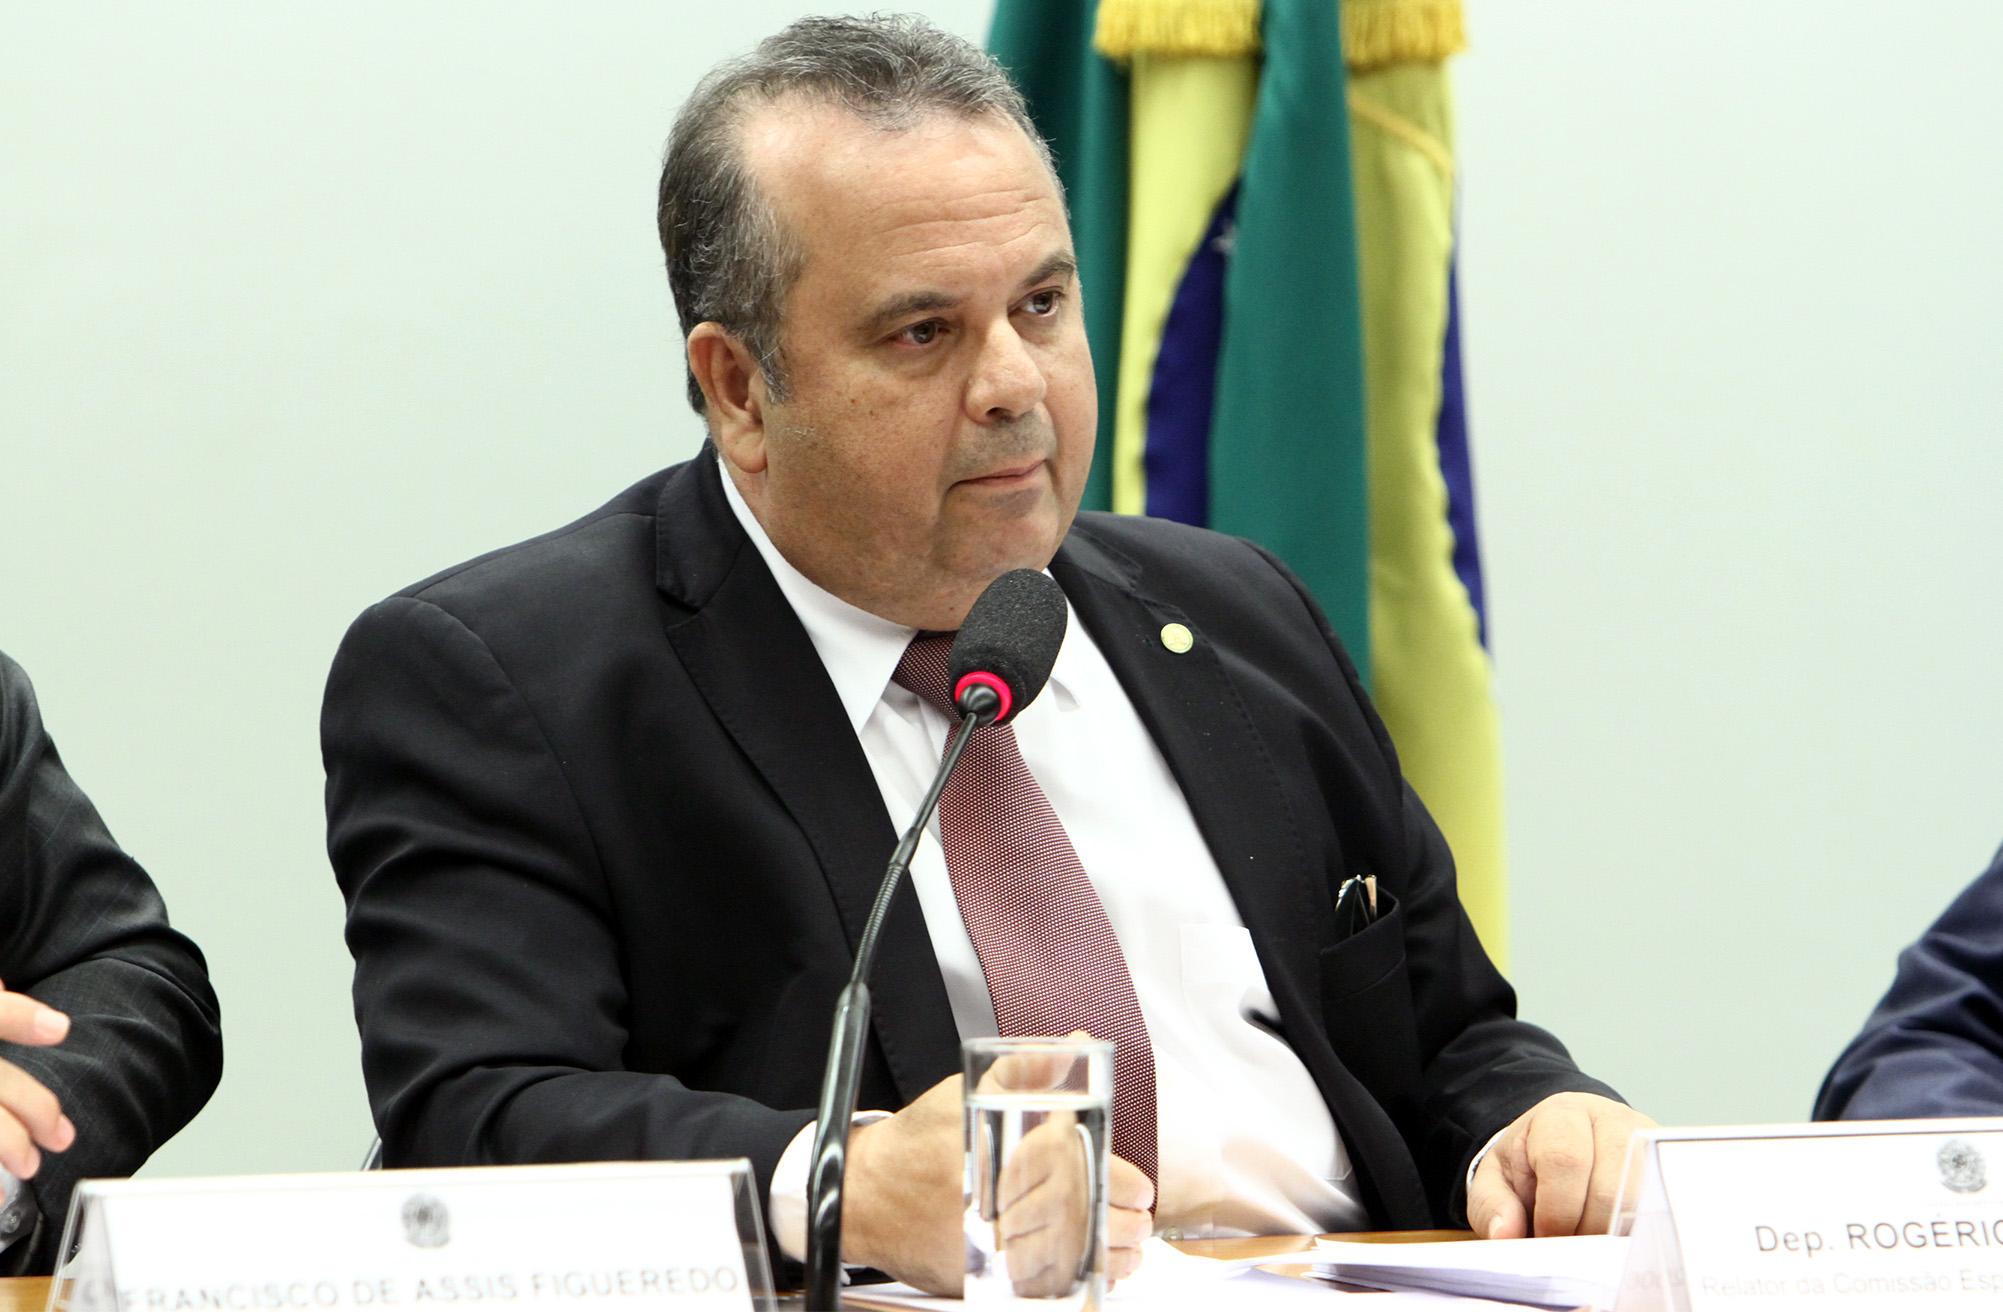 Audiência pública sobre a discussão das mudanças propostas para os Planos de Saúde em virtude do PL 7419/2006. Dep. Rogério Marinho (PSDB - RN)